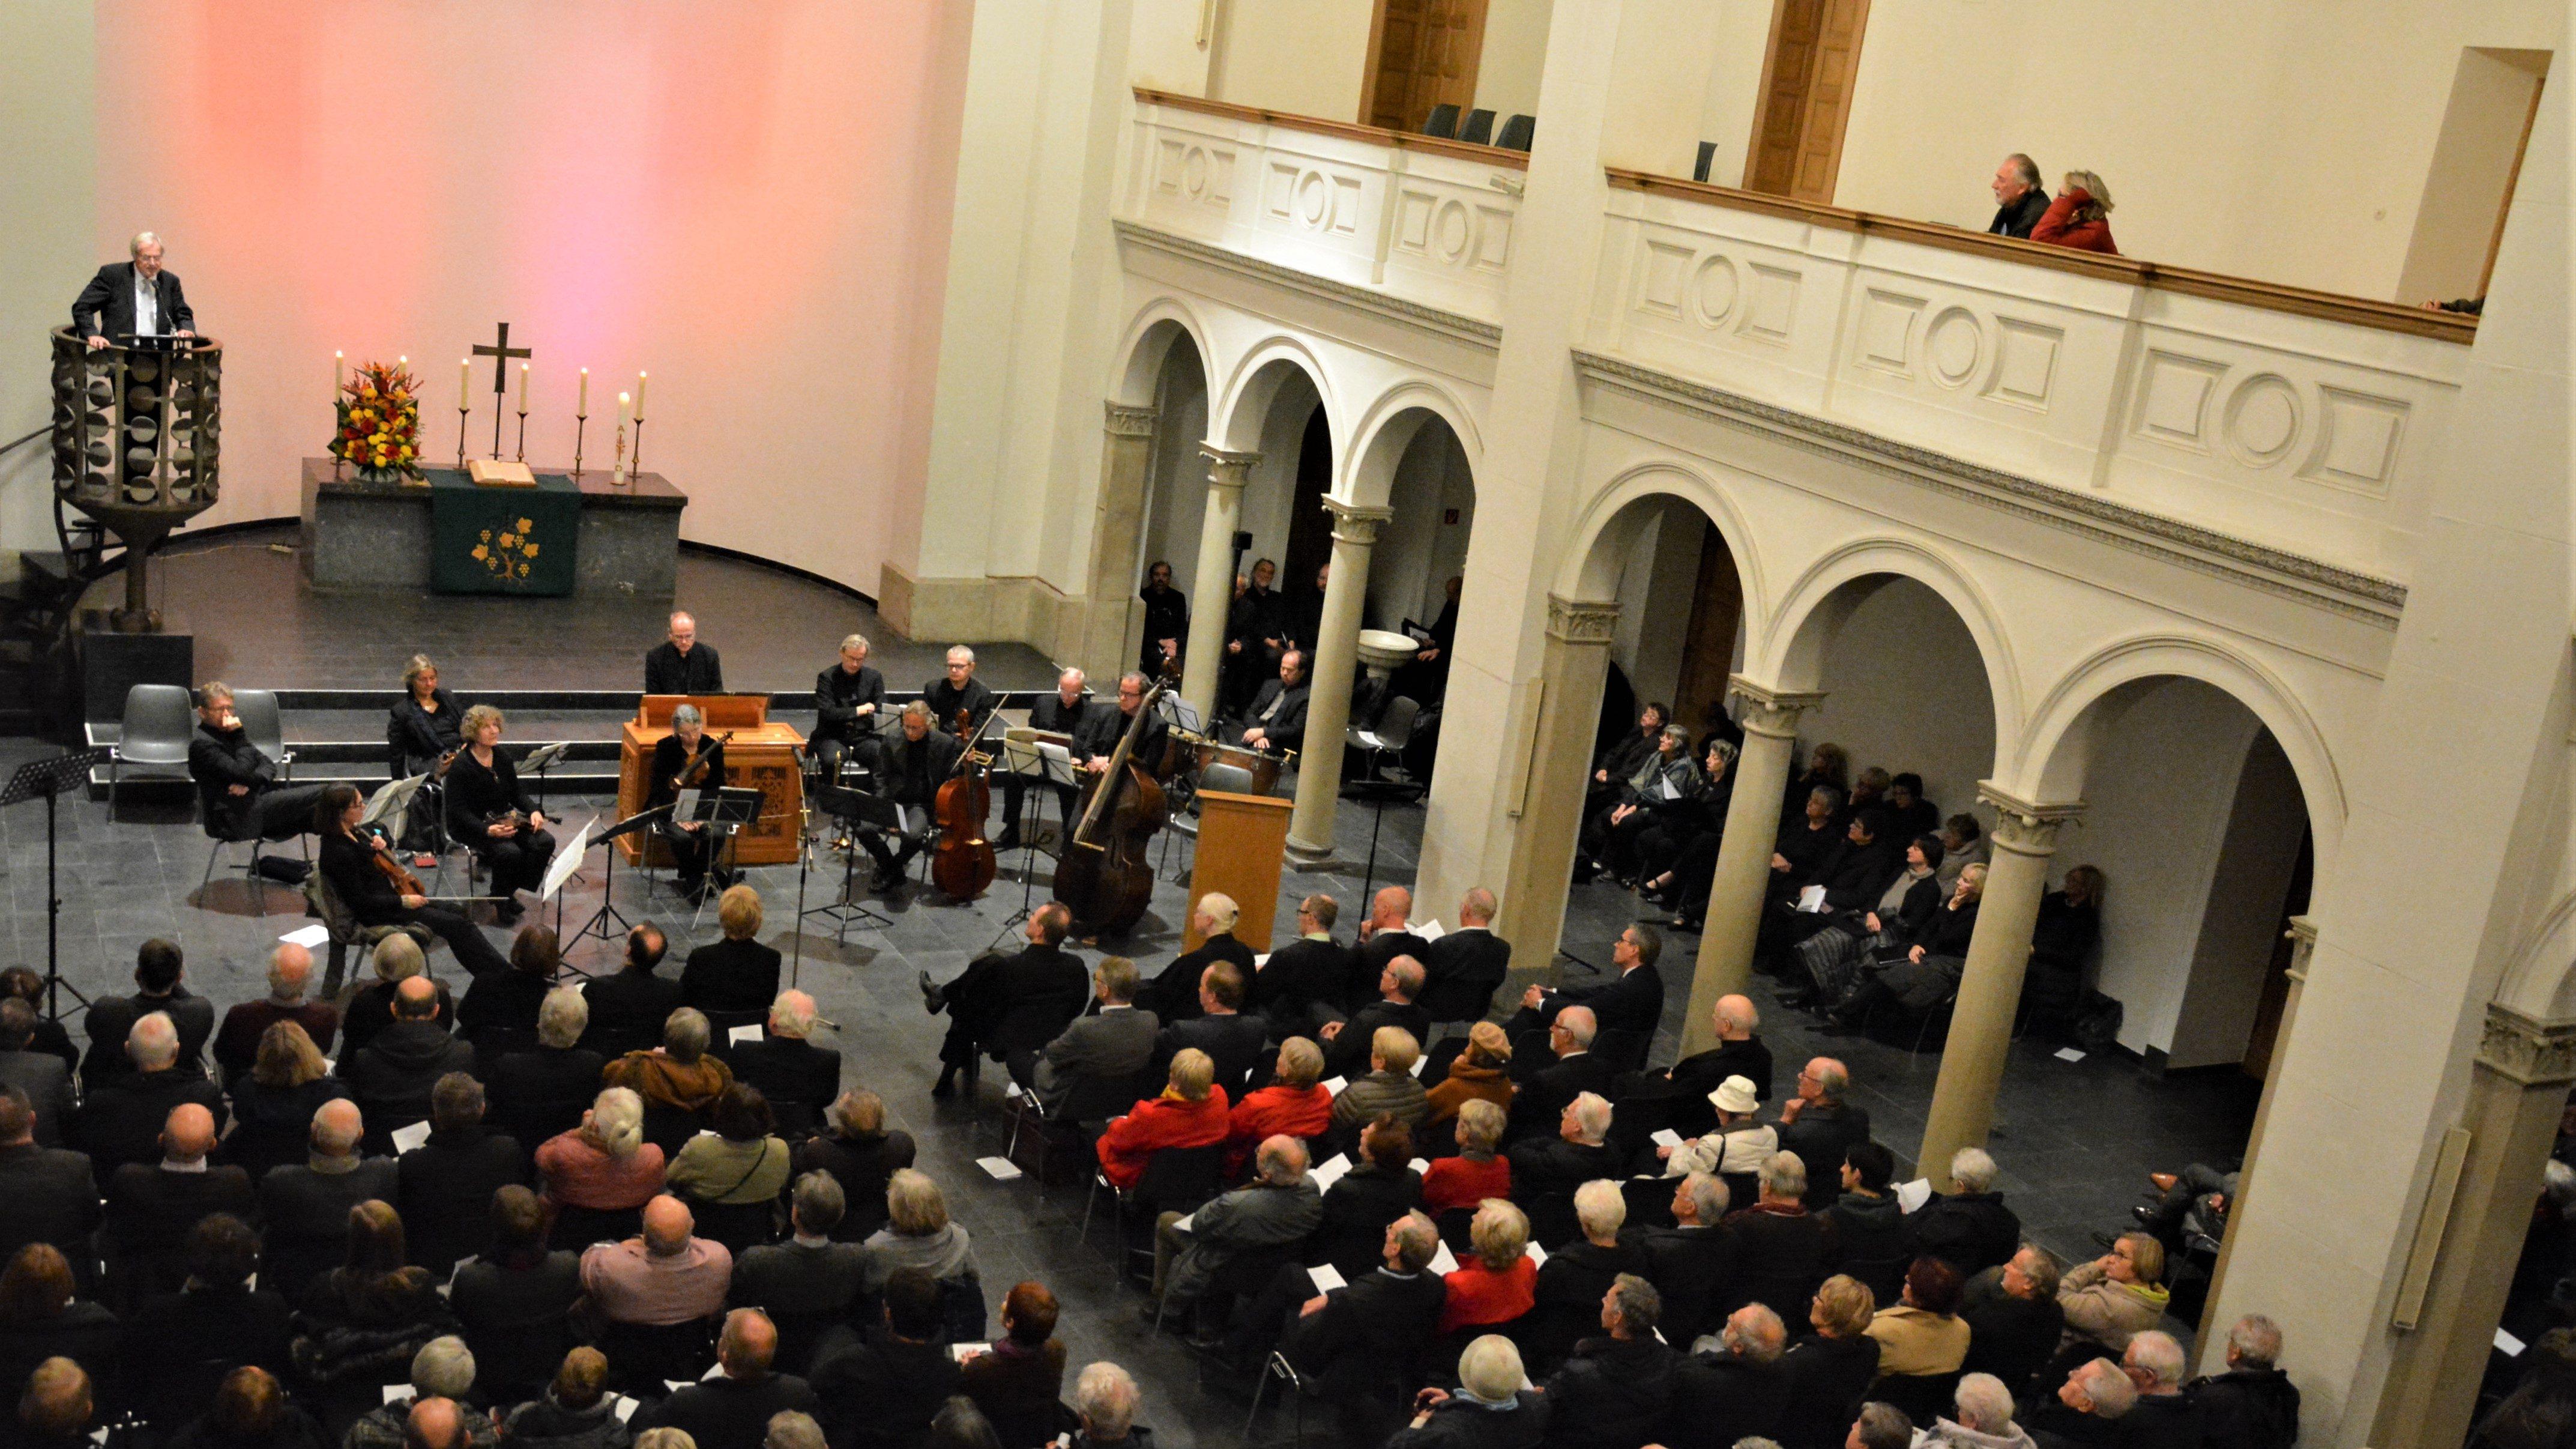 """""""Wir müssen uns vom Tod nicht weiter herumschubsen lassen"""" – Zentrale Reformationsfeier des Evangelischen Kirchenverbandes Köln und Region in der Trinitatiskirche"""